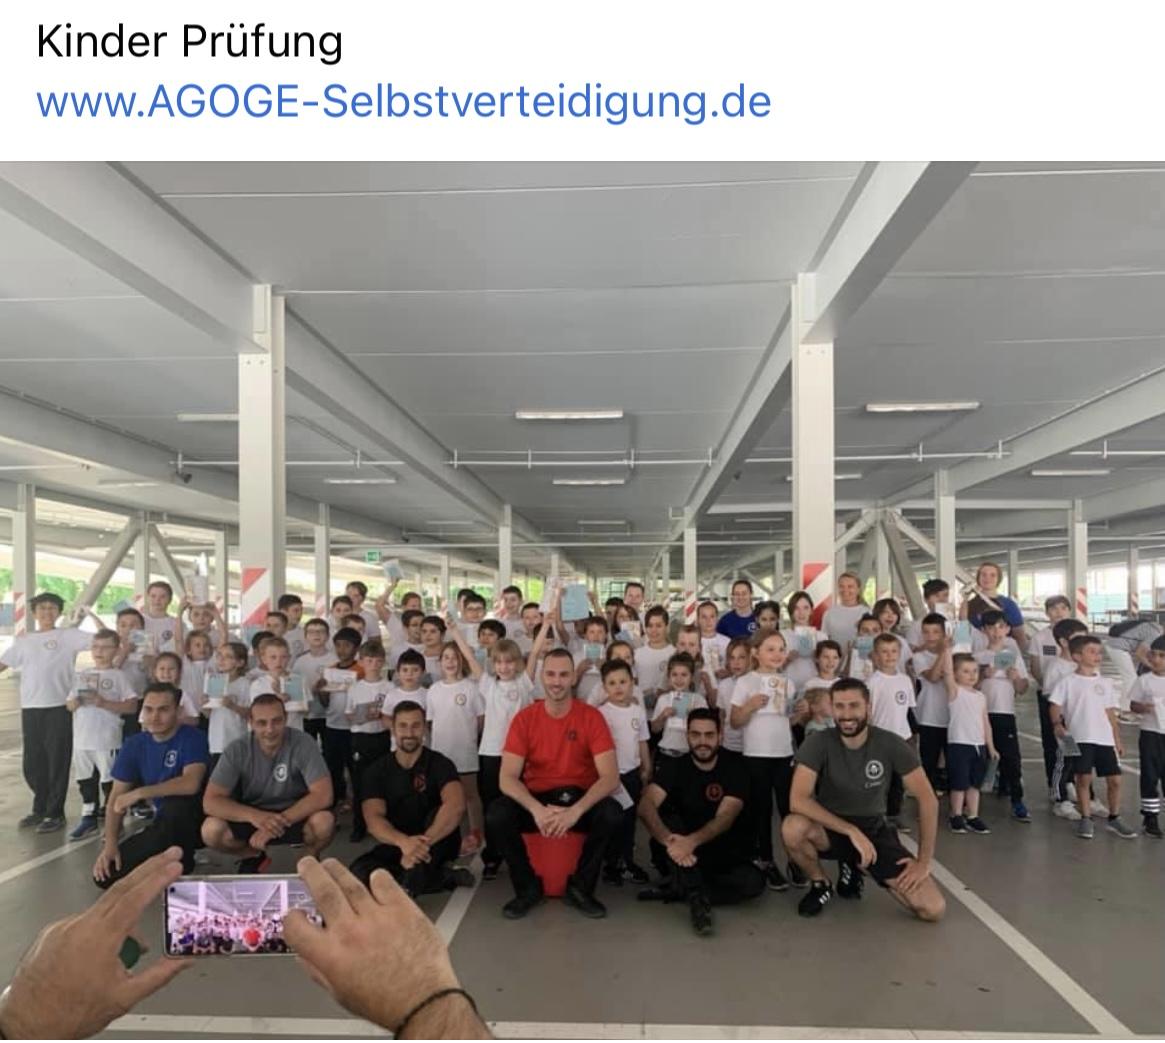 Selbstverteidigung für Kinder Stuttgart Esslingen Filderstadt Waiblingen Stuttgart Vaihingen Ludwigsburg